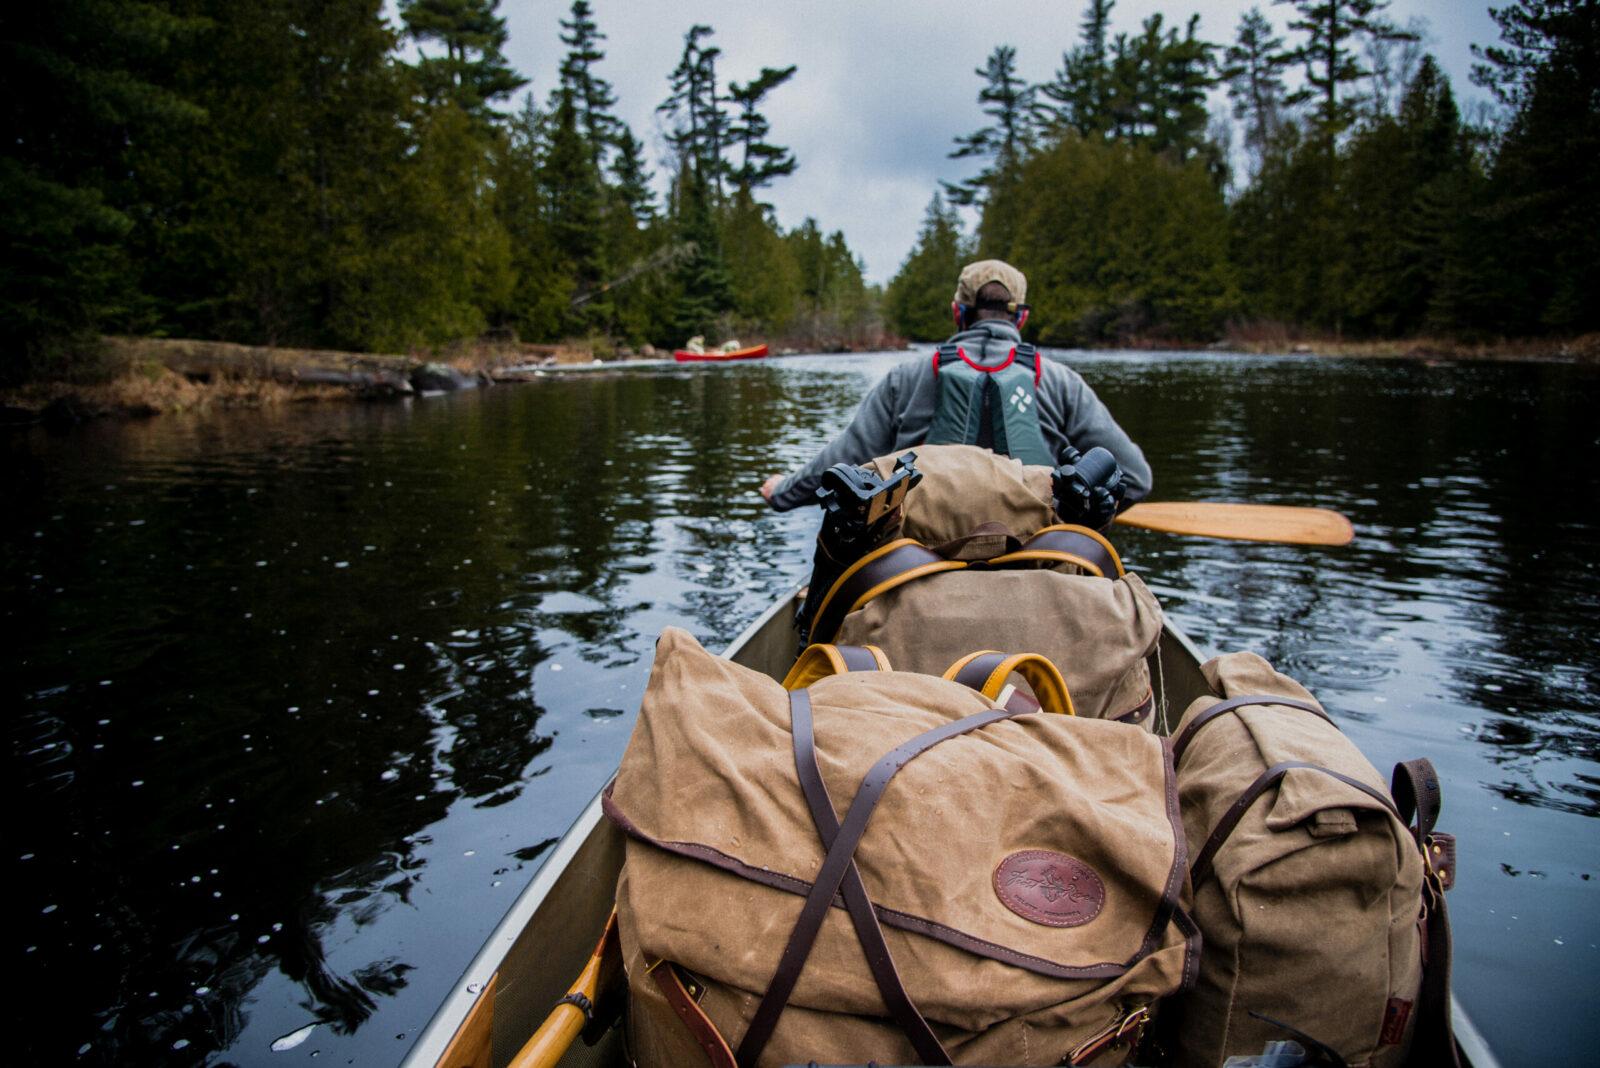 Canoe in the BWCA